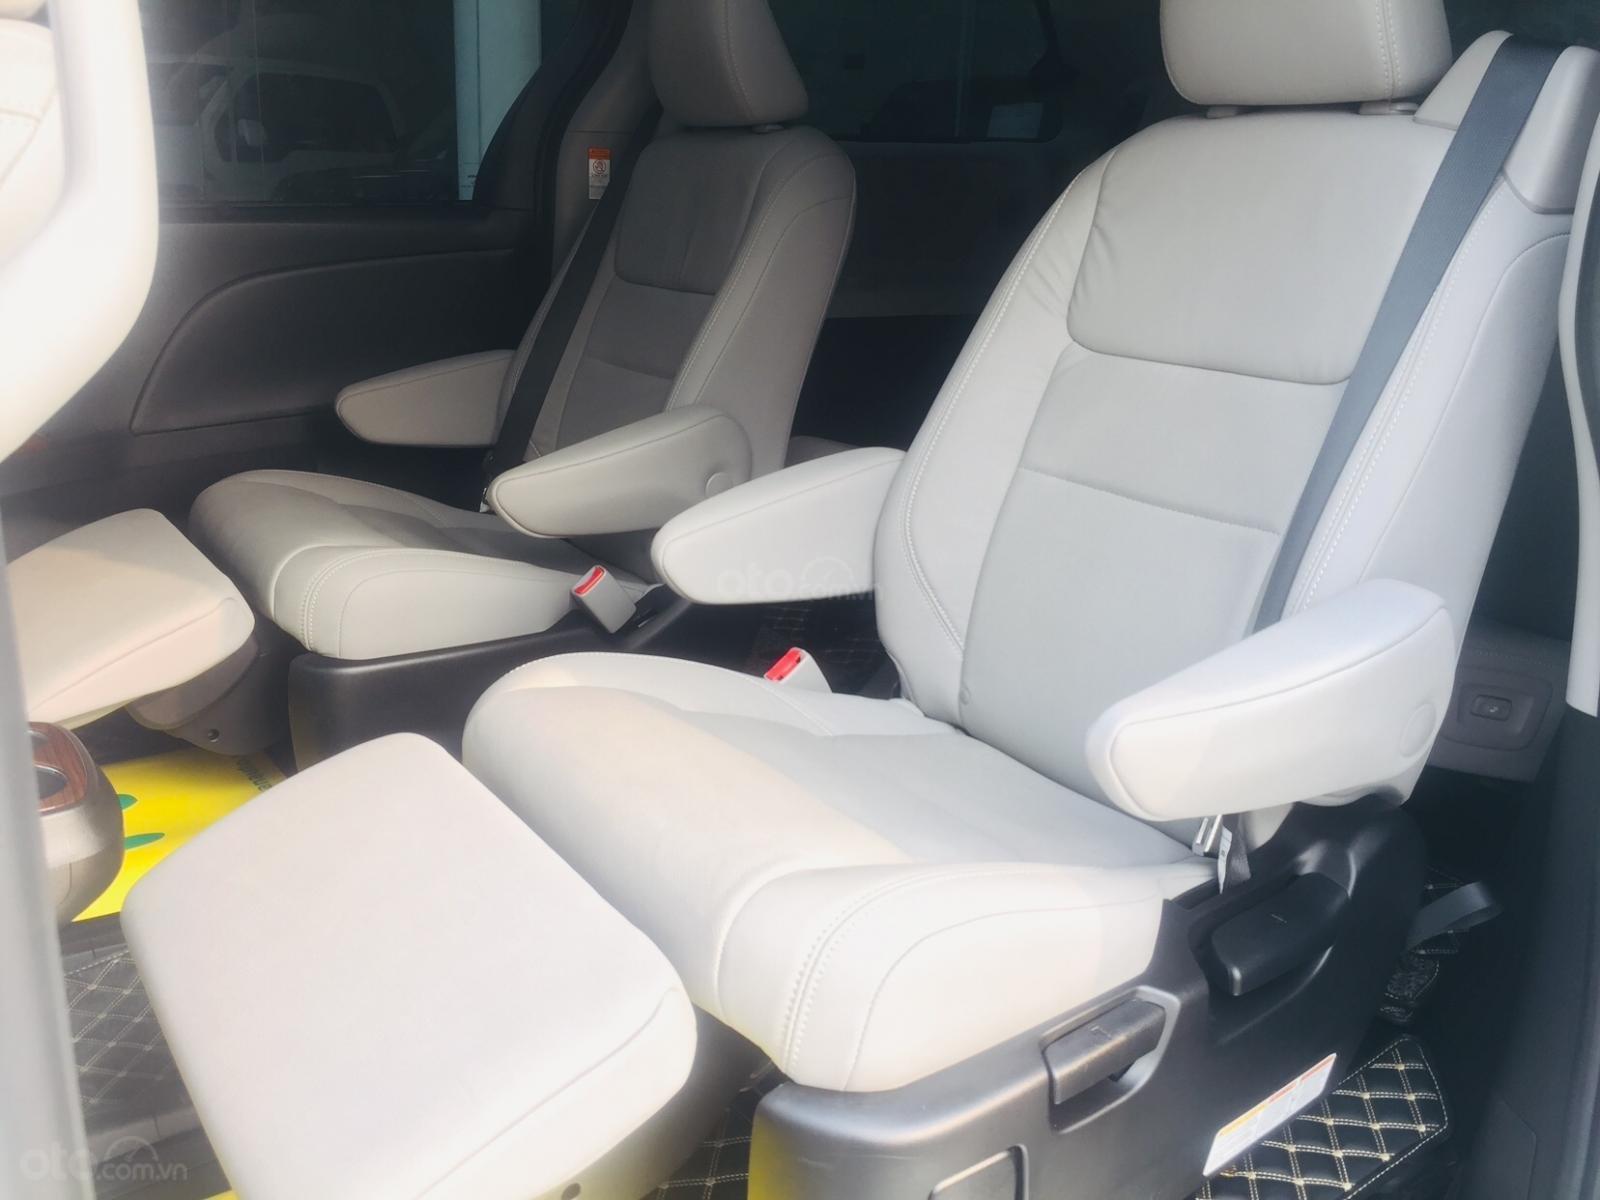 Bán xe Toyota Sienna Limidted Sx 2018, màu trắng, siêu lướt 2000km - LH: 0982.84.2838-18